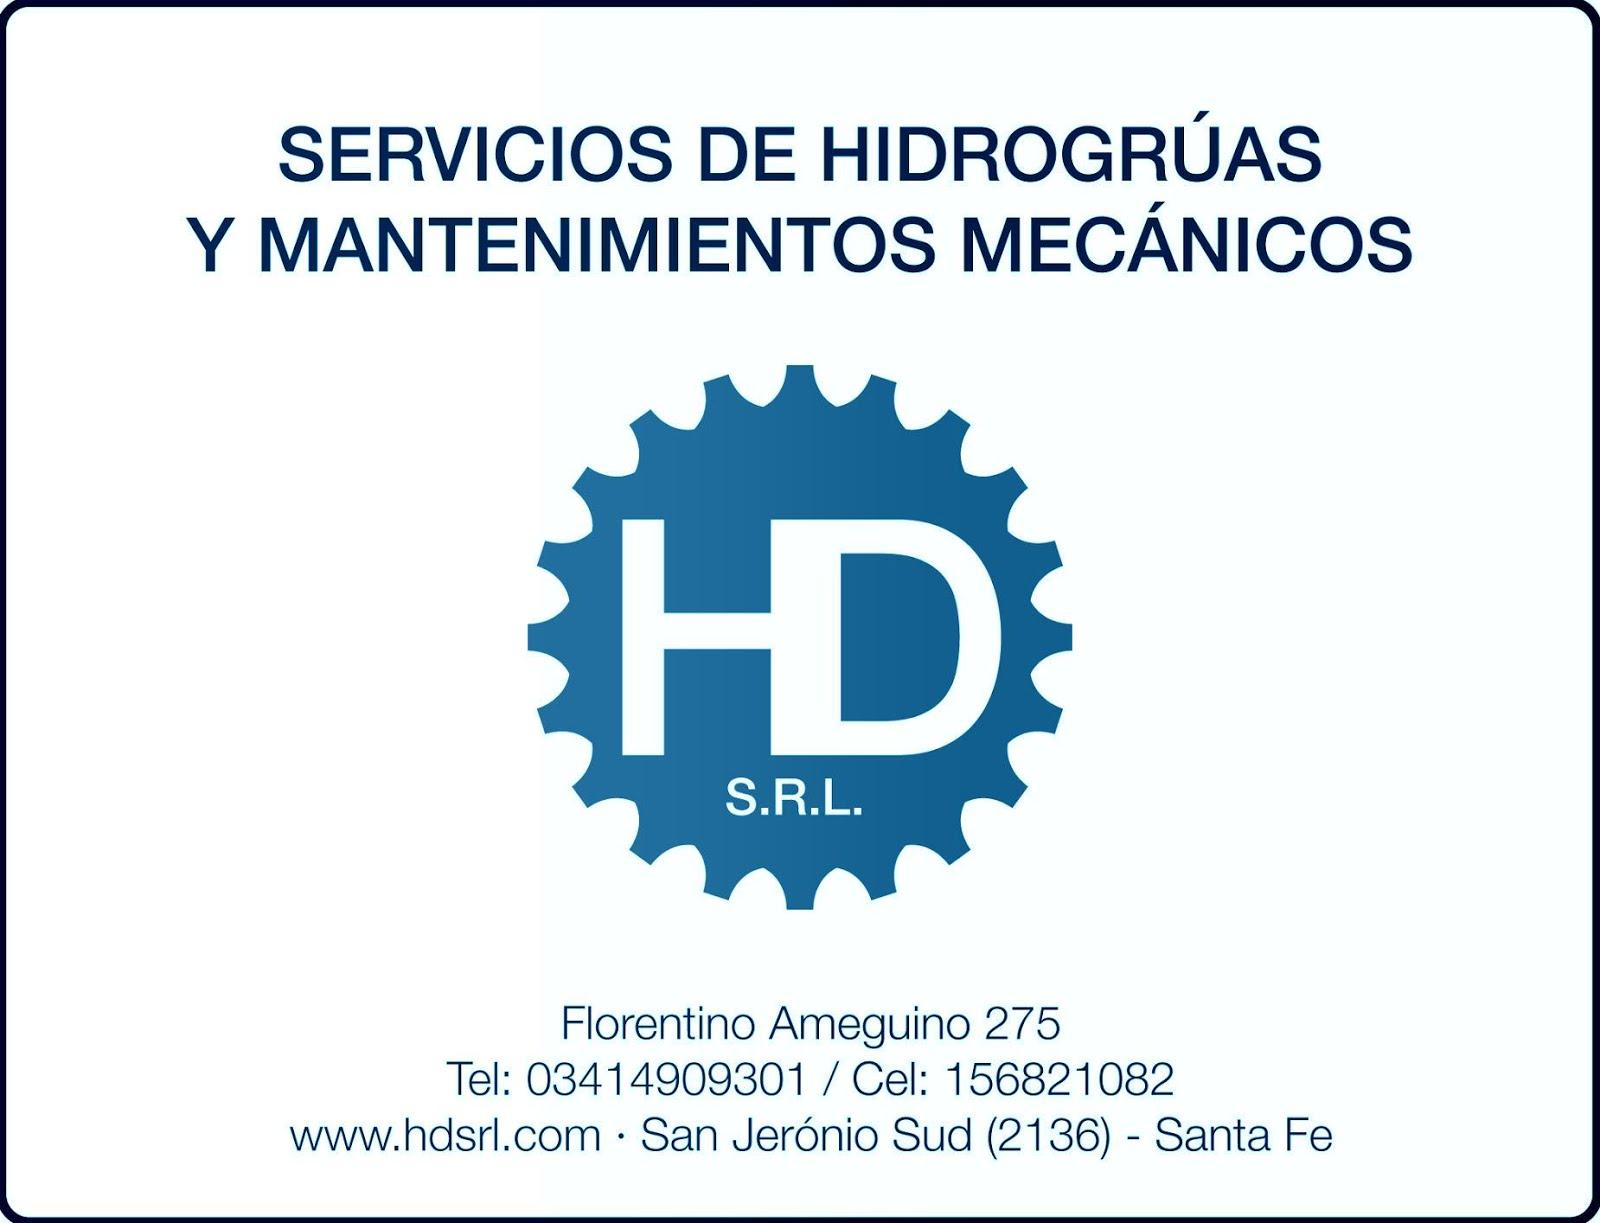 SERVICIOS DE HIDROGRUAS Y MANTENIMIENTOS MECÁNICOS